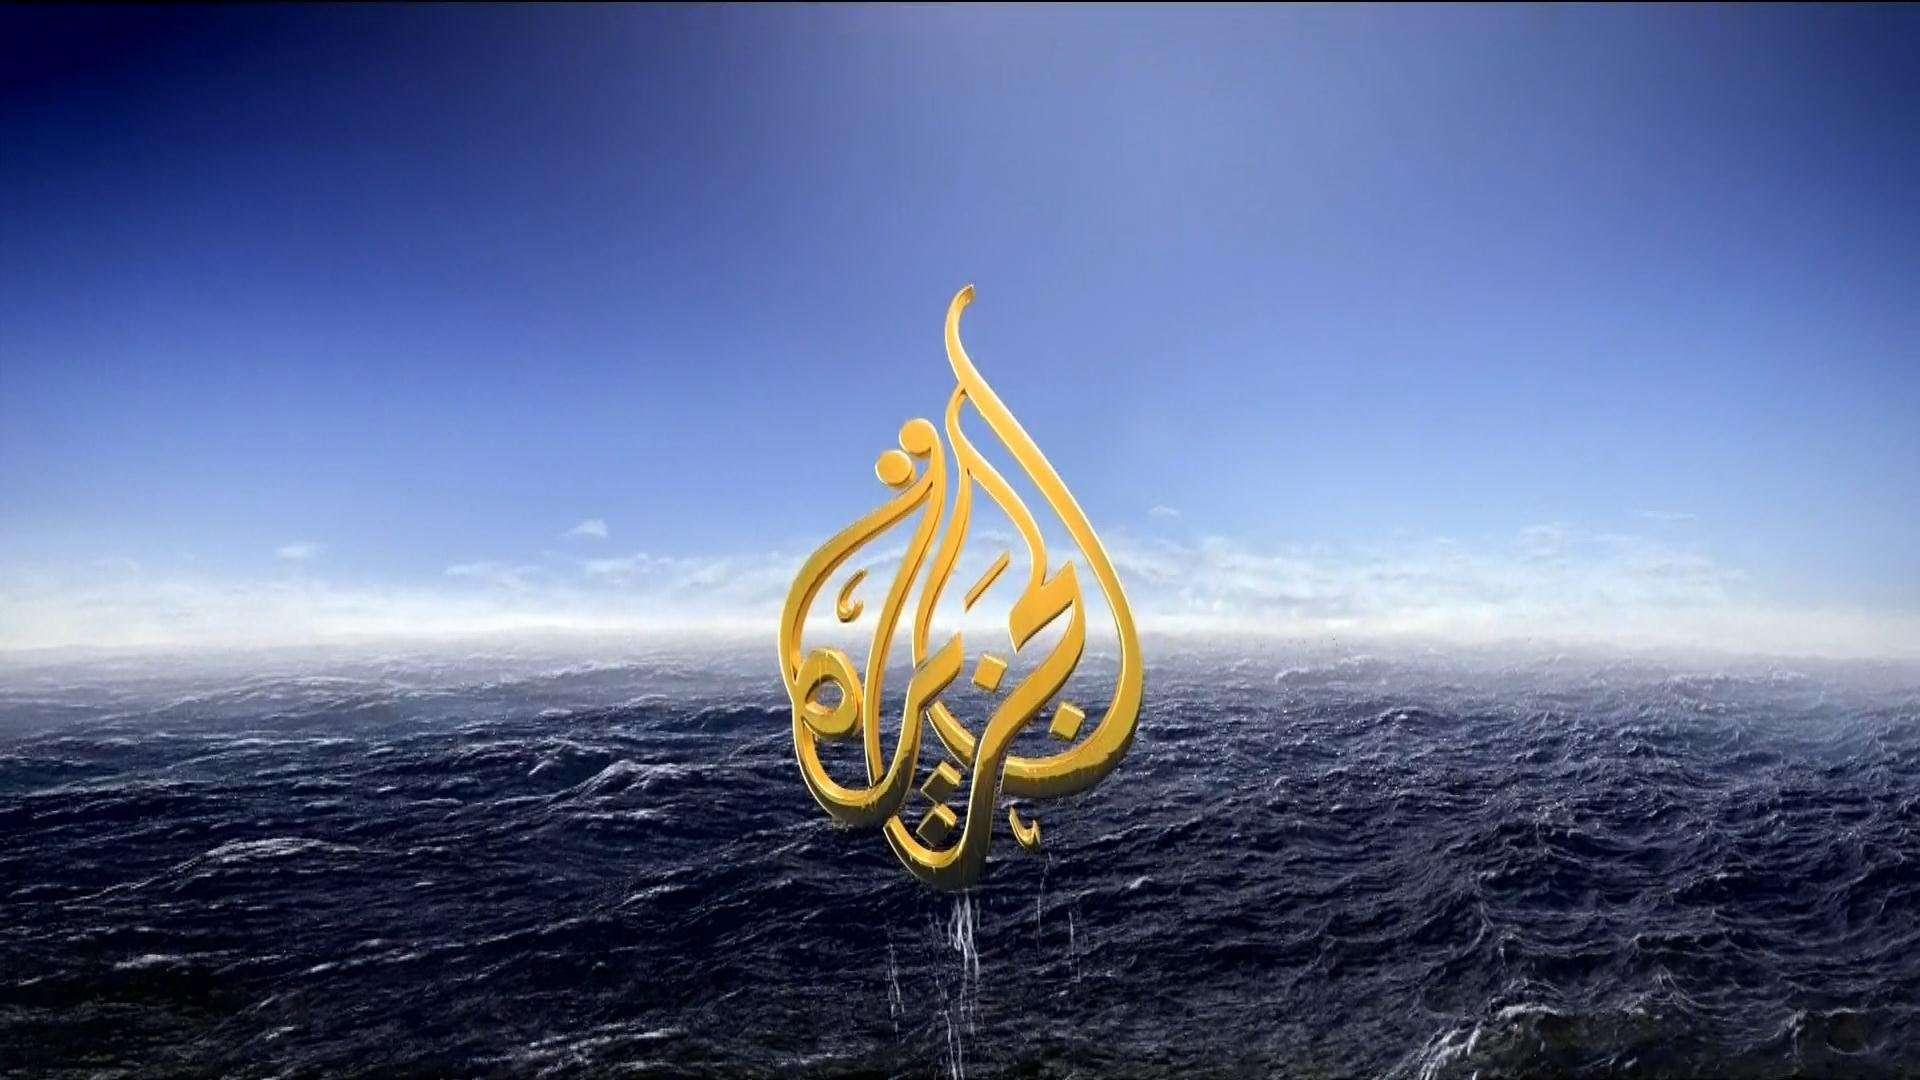 """التنديد بإغلاق إسرائيل ل""""الجزيرة"""" والمطالبة بوقف حملة استهداف حرية التعبير"""